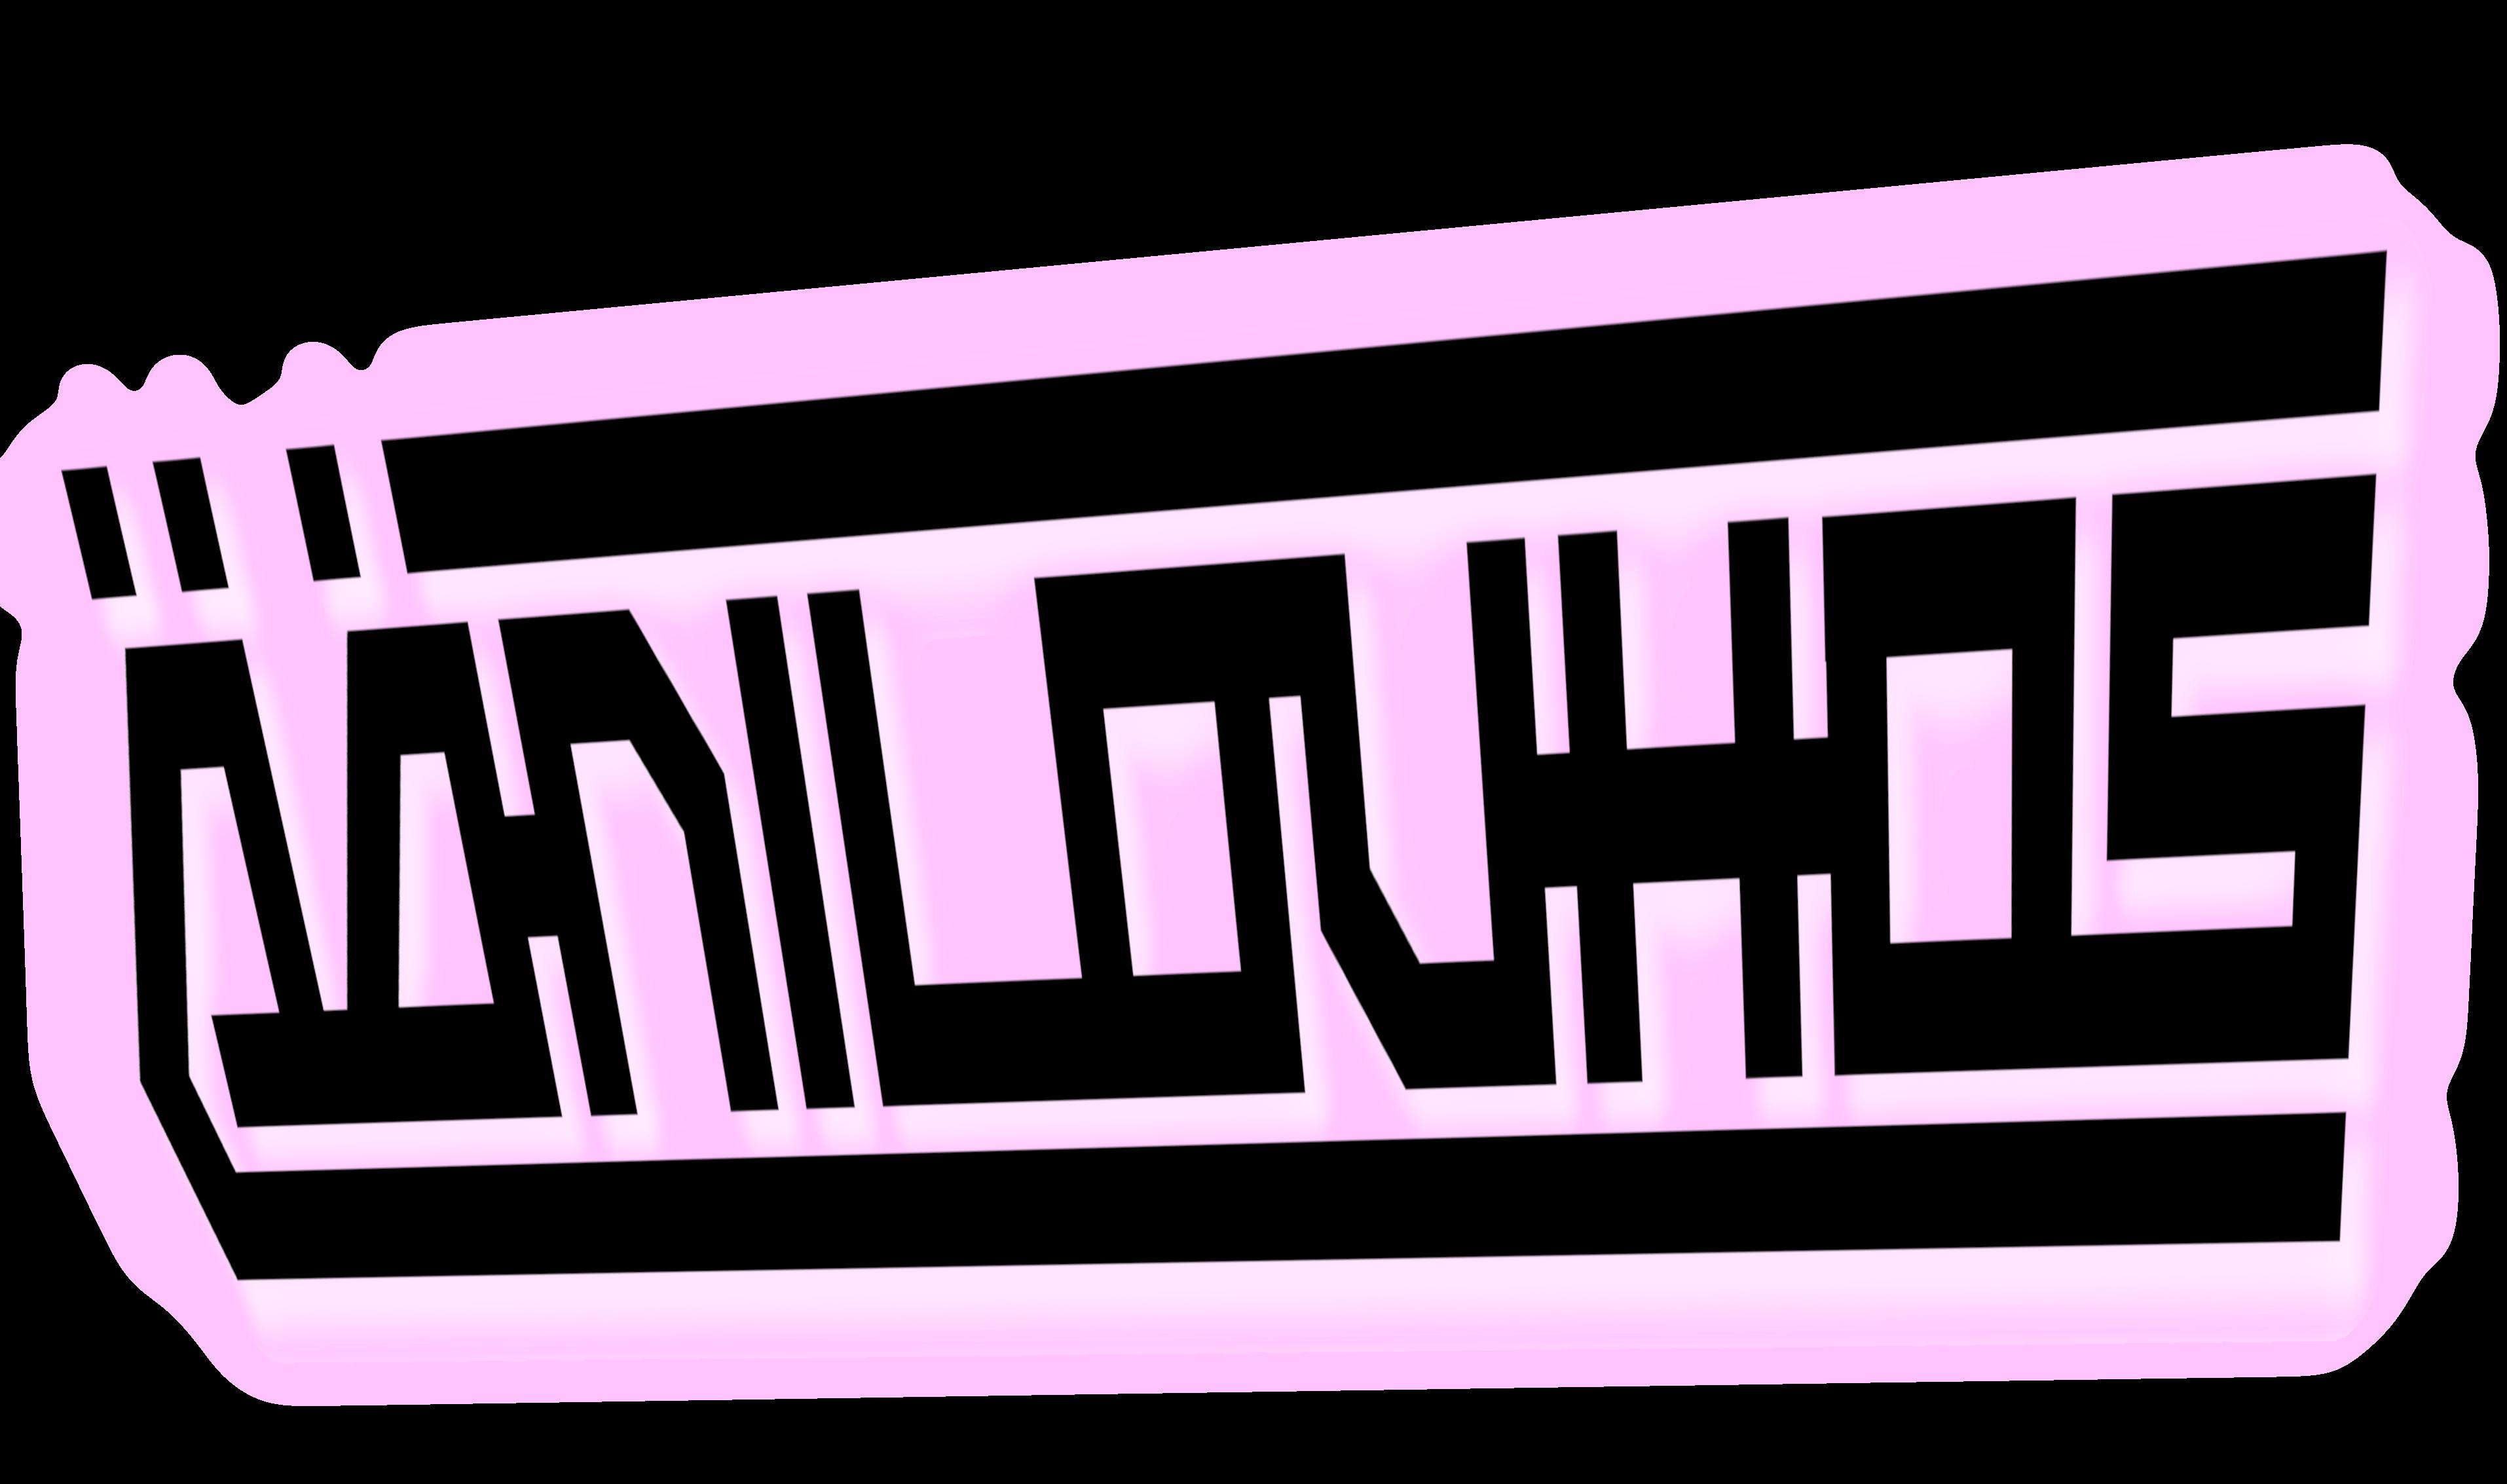 Äänilouhos Logo2